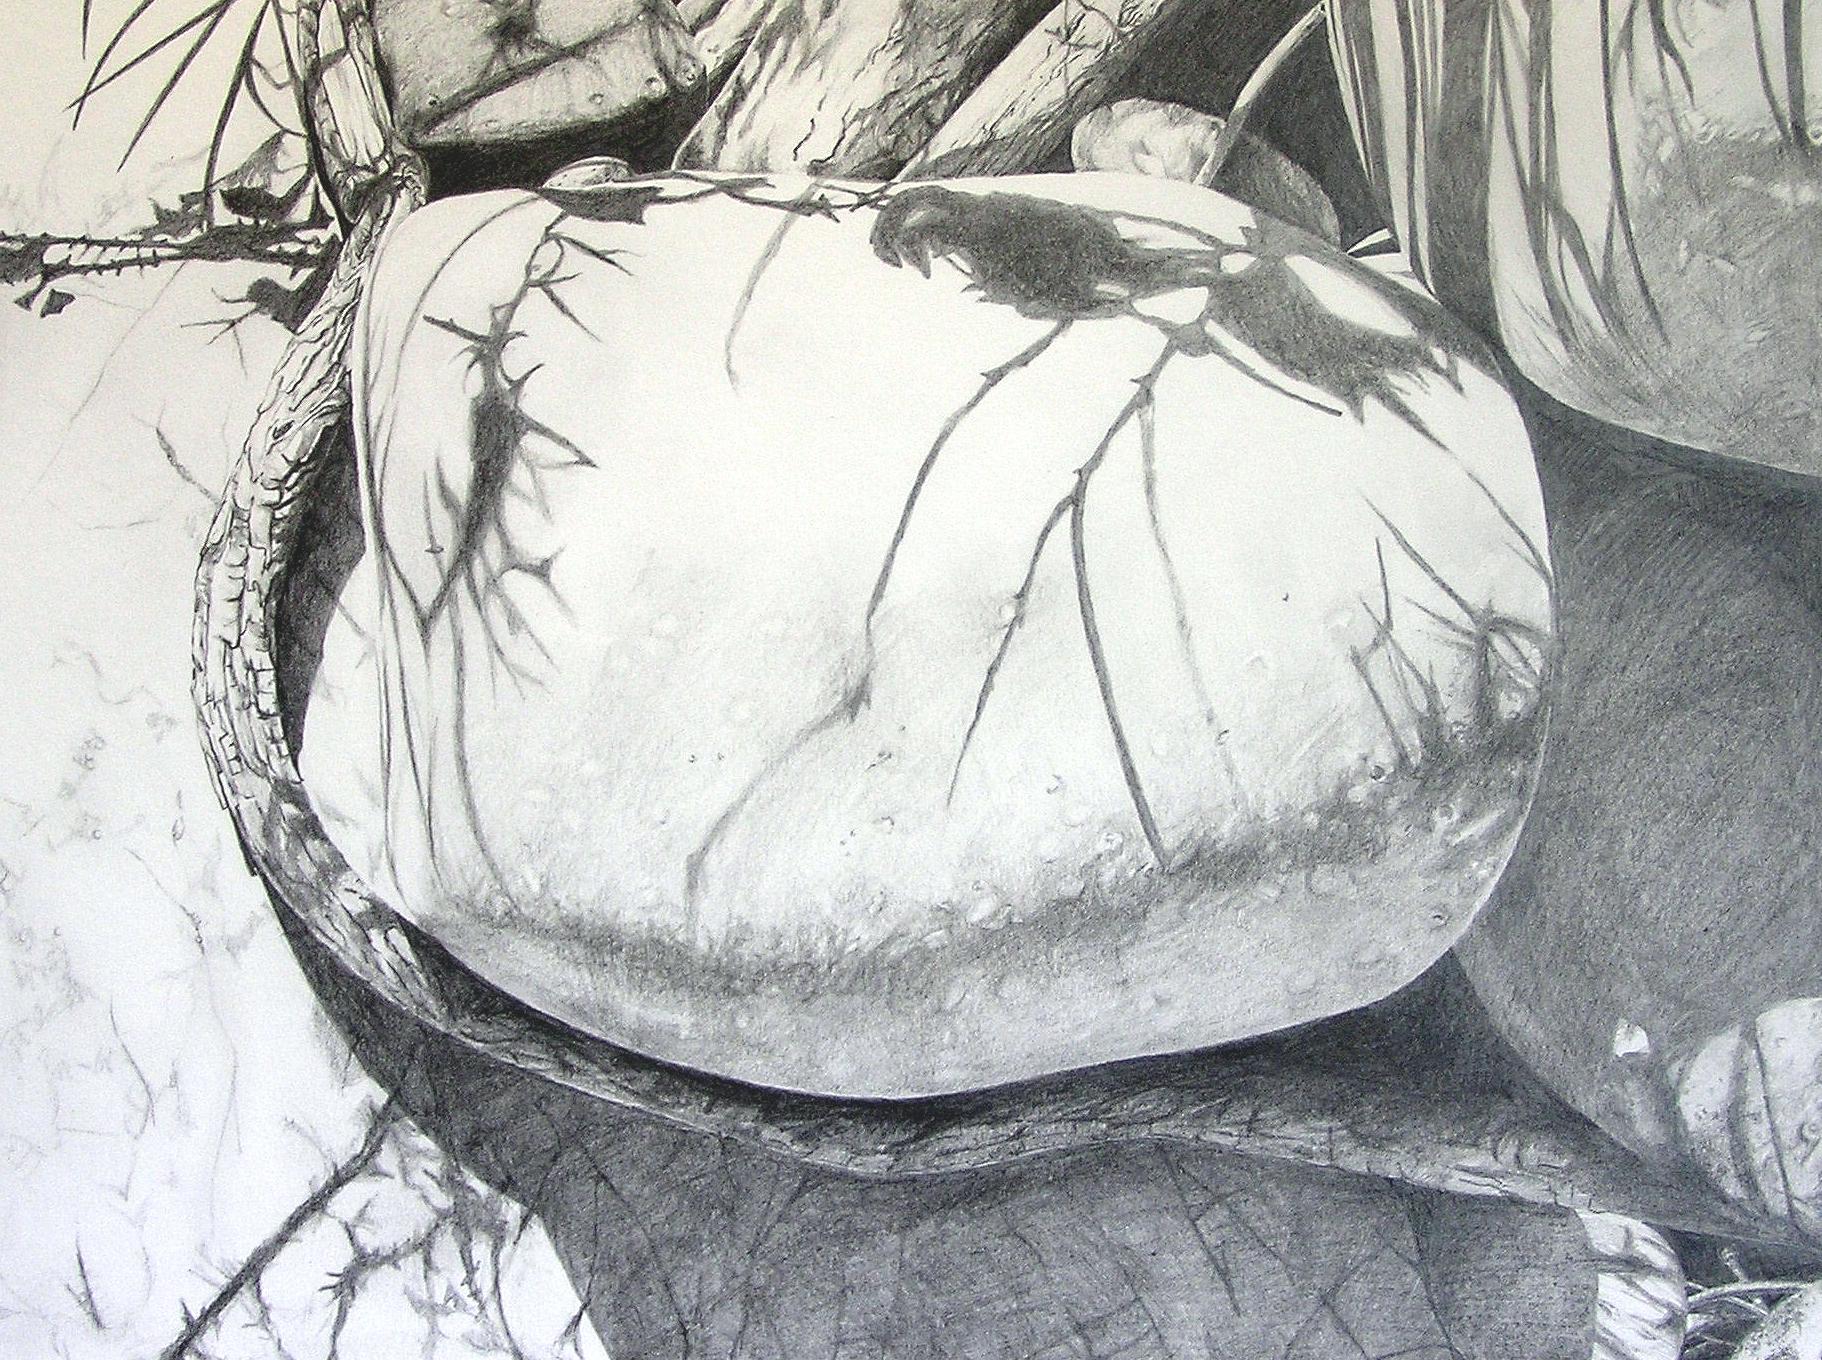 Stein in der Sonne / Bleistift / 40 x 50 cm